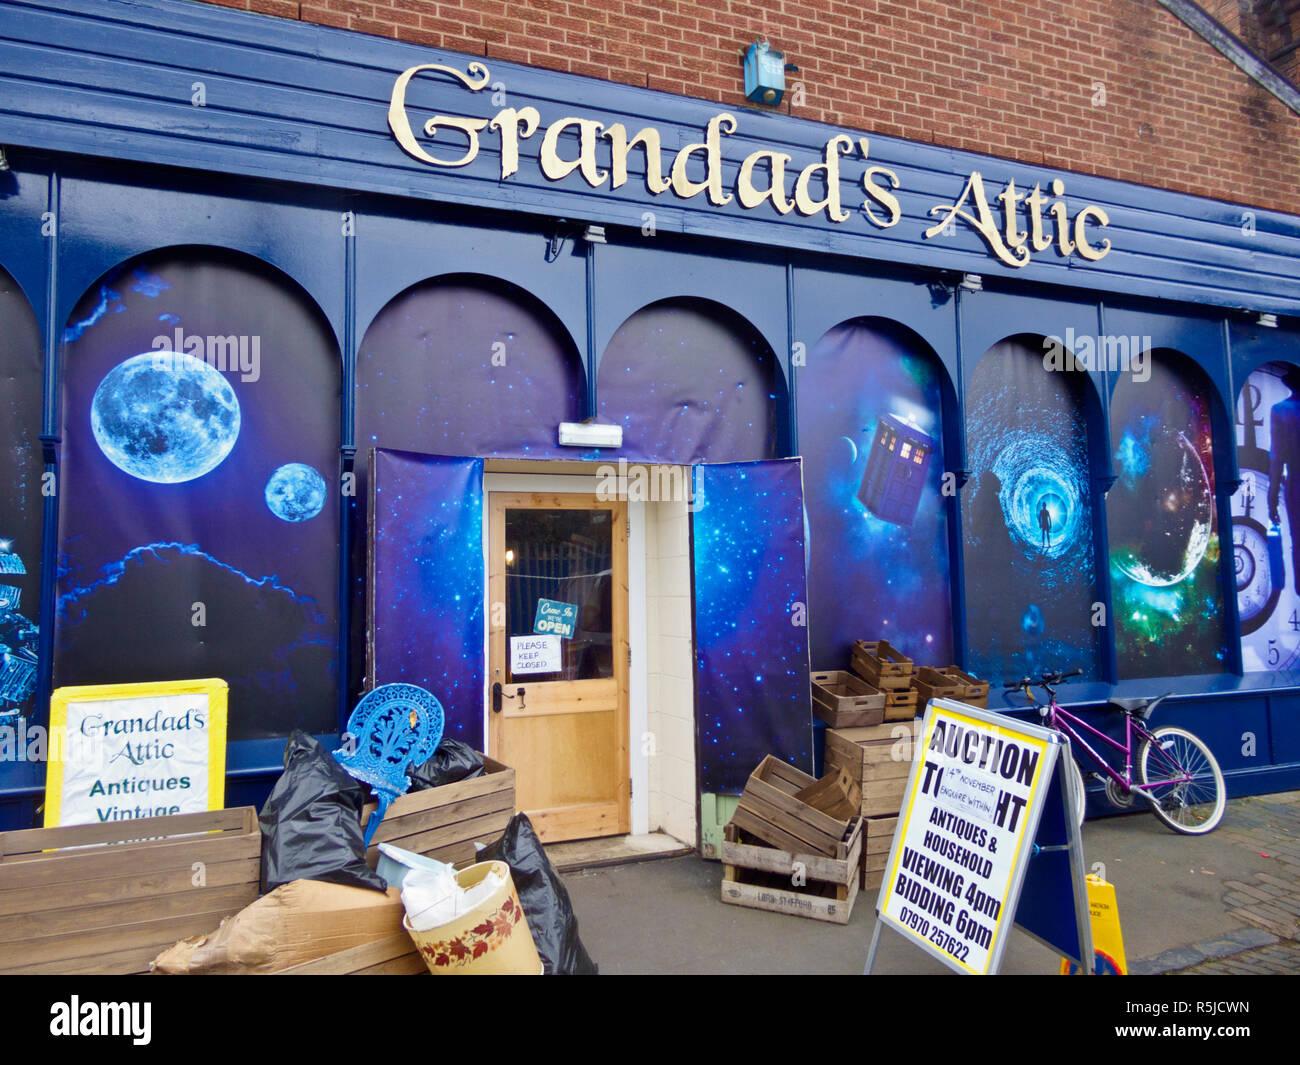 Grandad's Attic Antique or Curiosities Shop or Store, UK - Stock Image